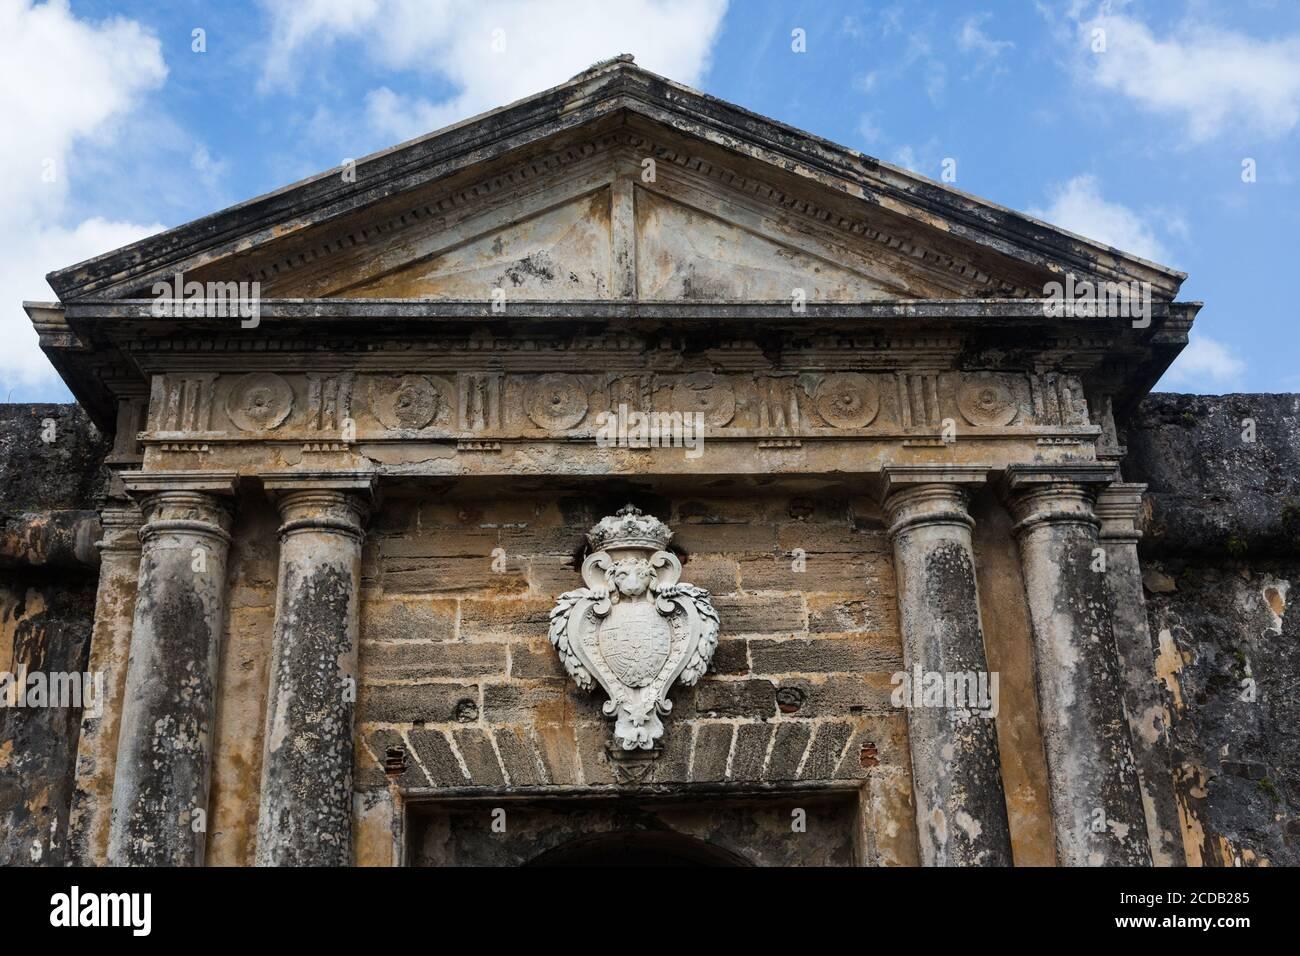 La fachada de la entrada al Castillo San Felipe del Morro con la cresta del Rey de España. Viejo San Juan, Puerto Rico. El His Nacional de San Juan Foto de stock